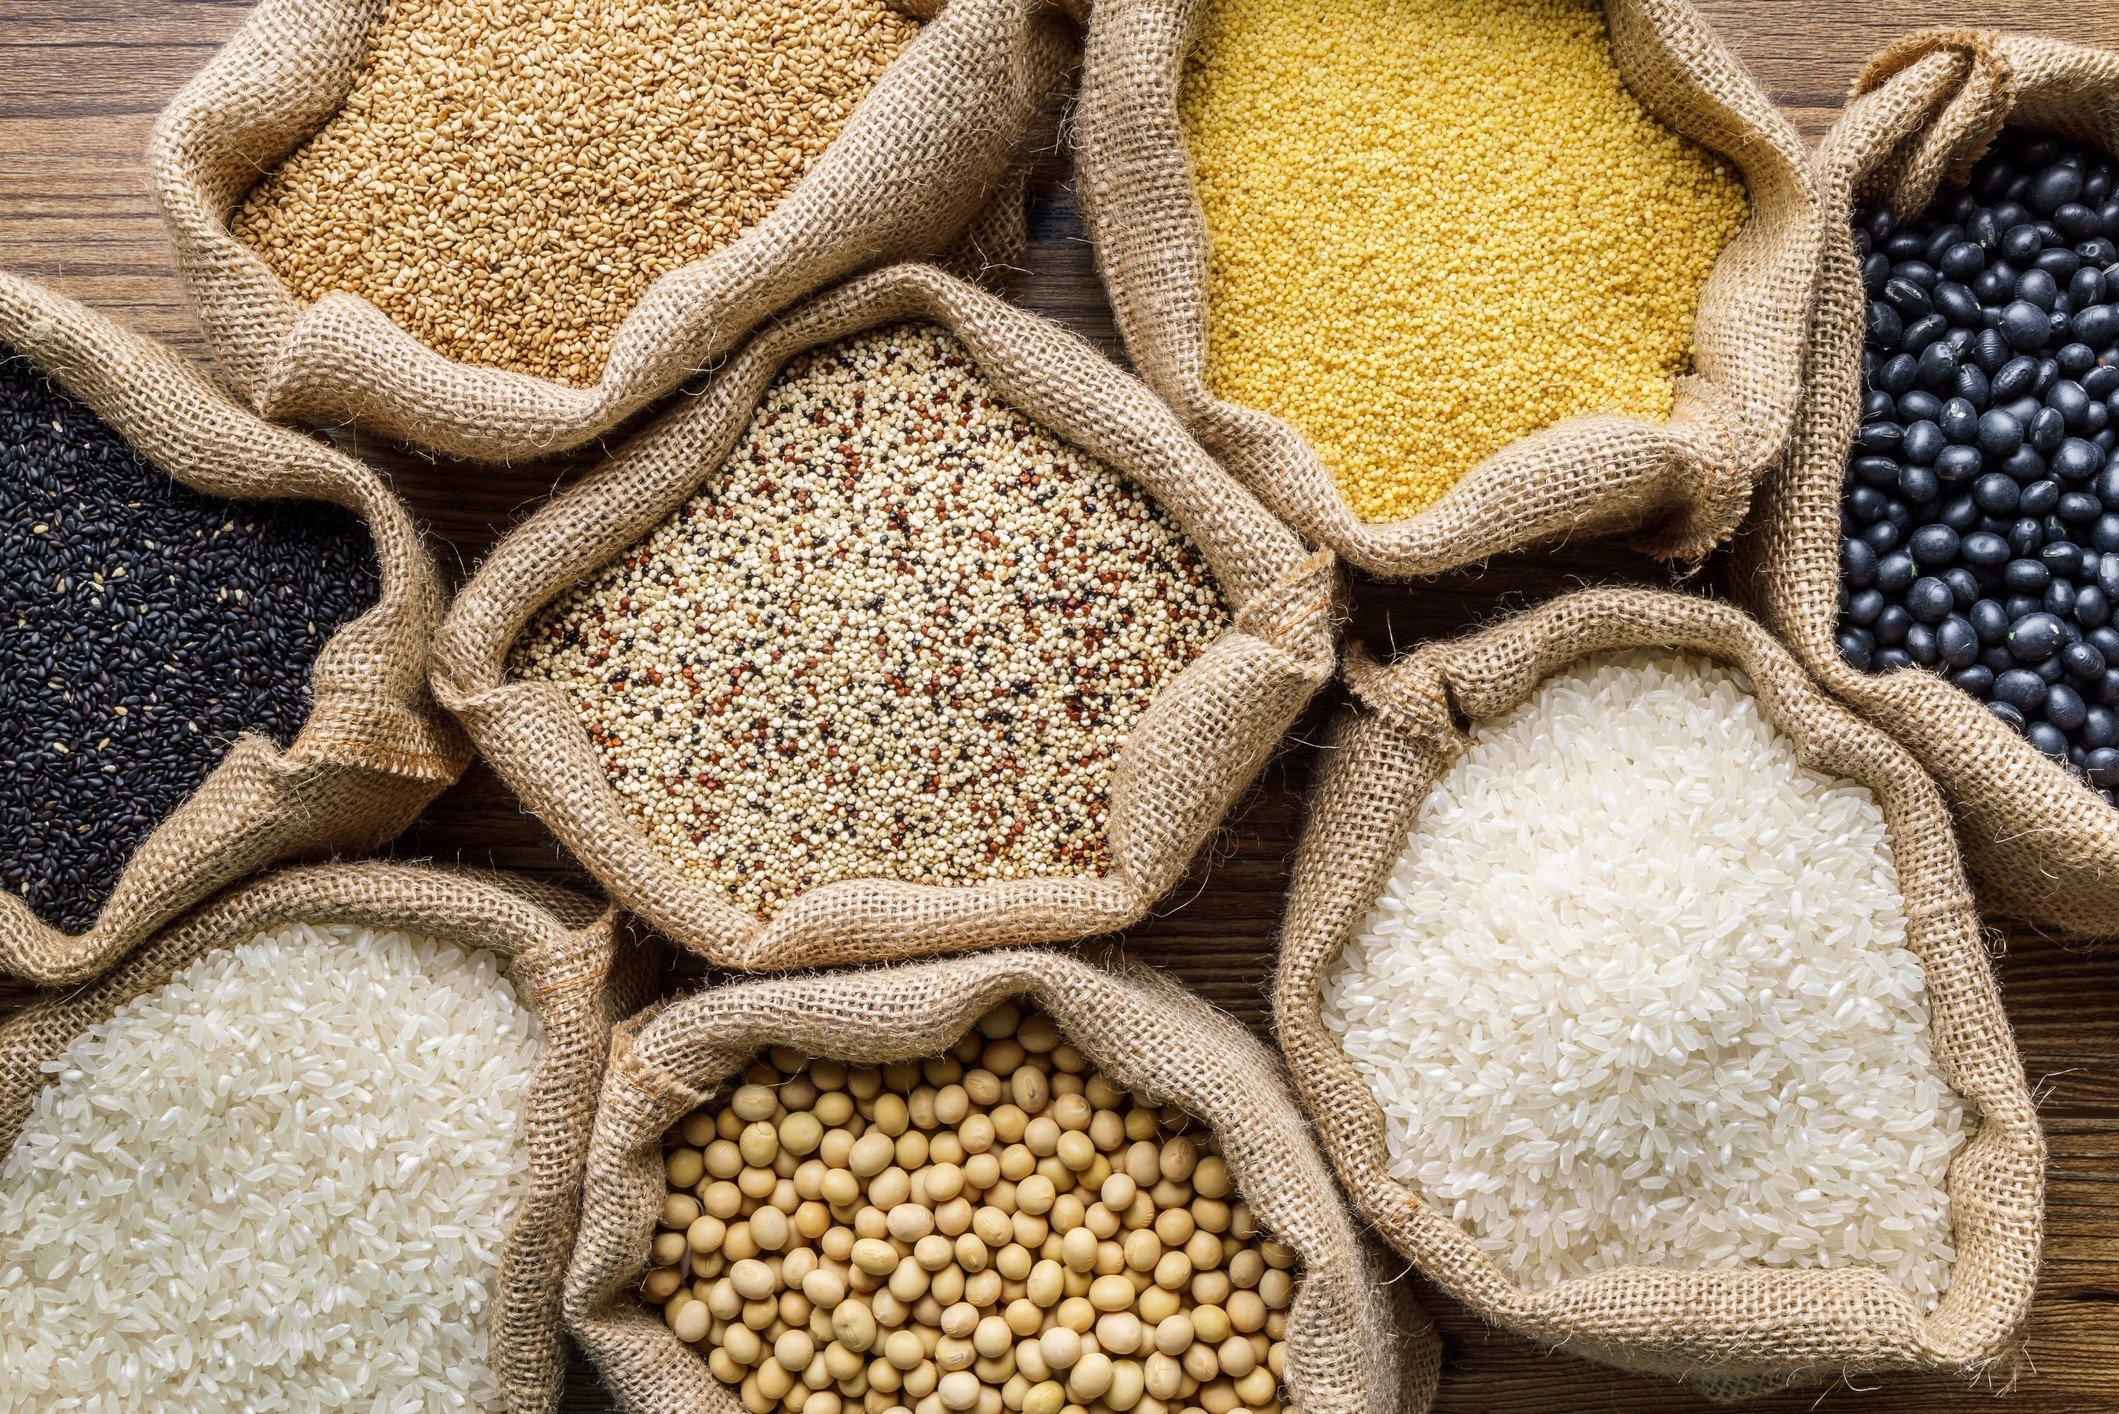 Grãos, sementes e cerais: o que são? - Lu Explica - Magazine Luiza